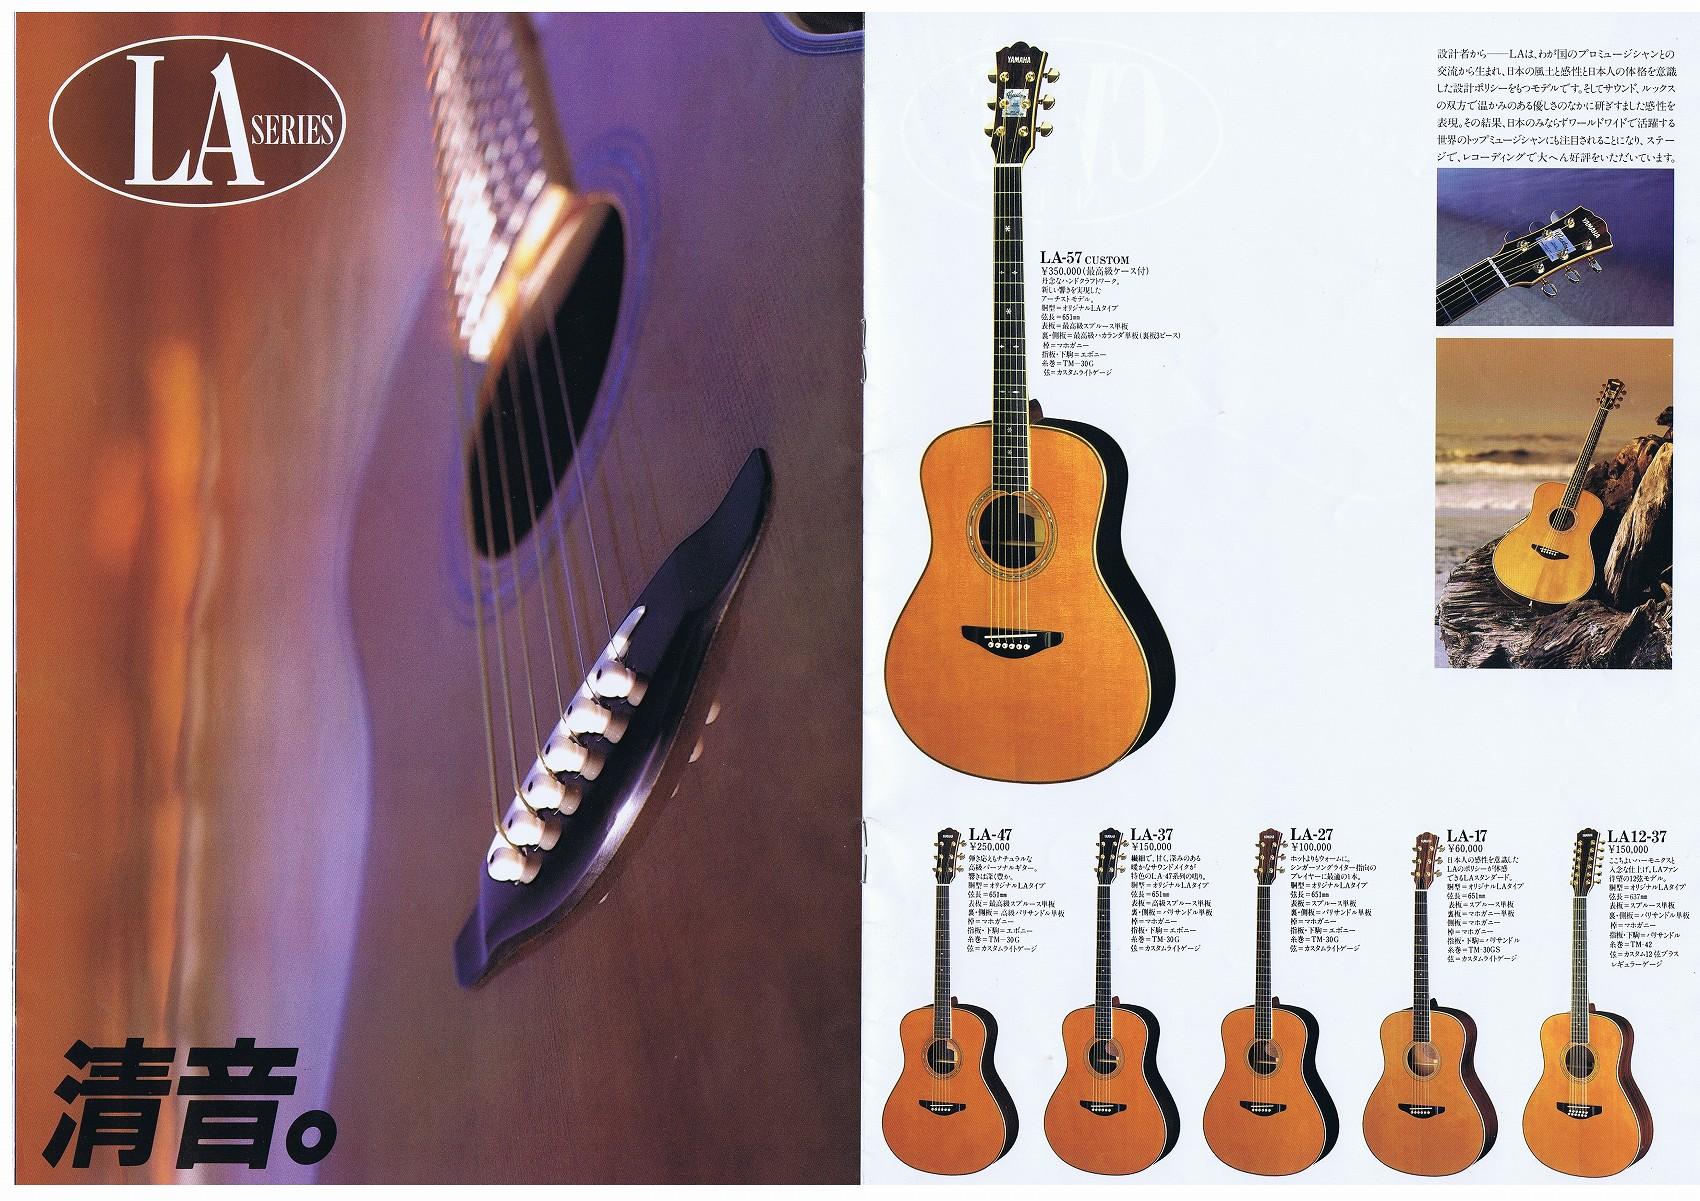 ngd suprise yamaha 1991 la28 the acoustic guitar forum. Black Bedroom Furniture Sets. Home Design Ideas